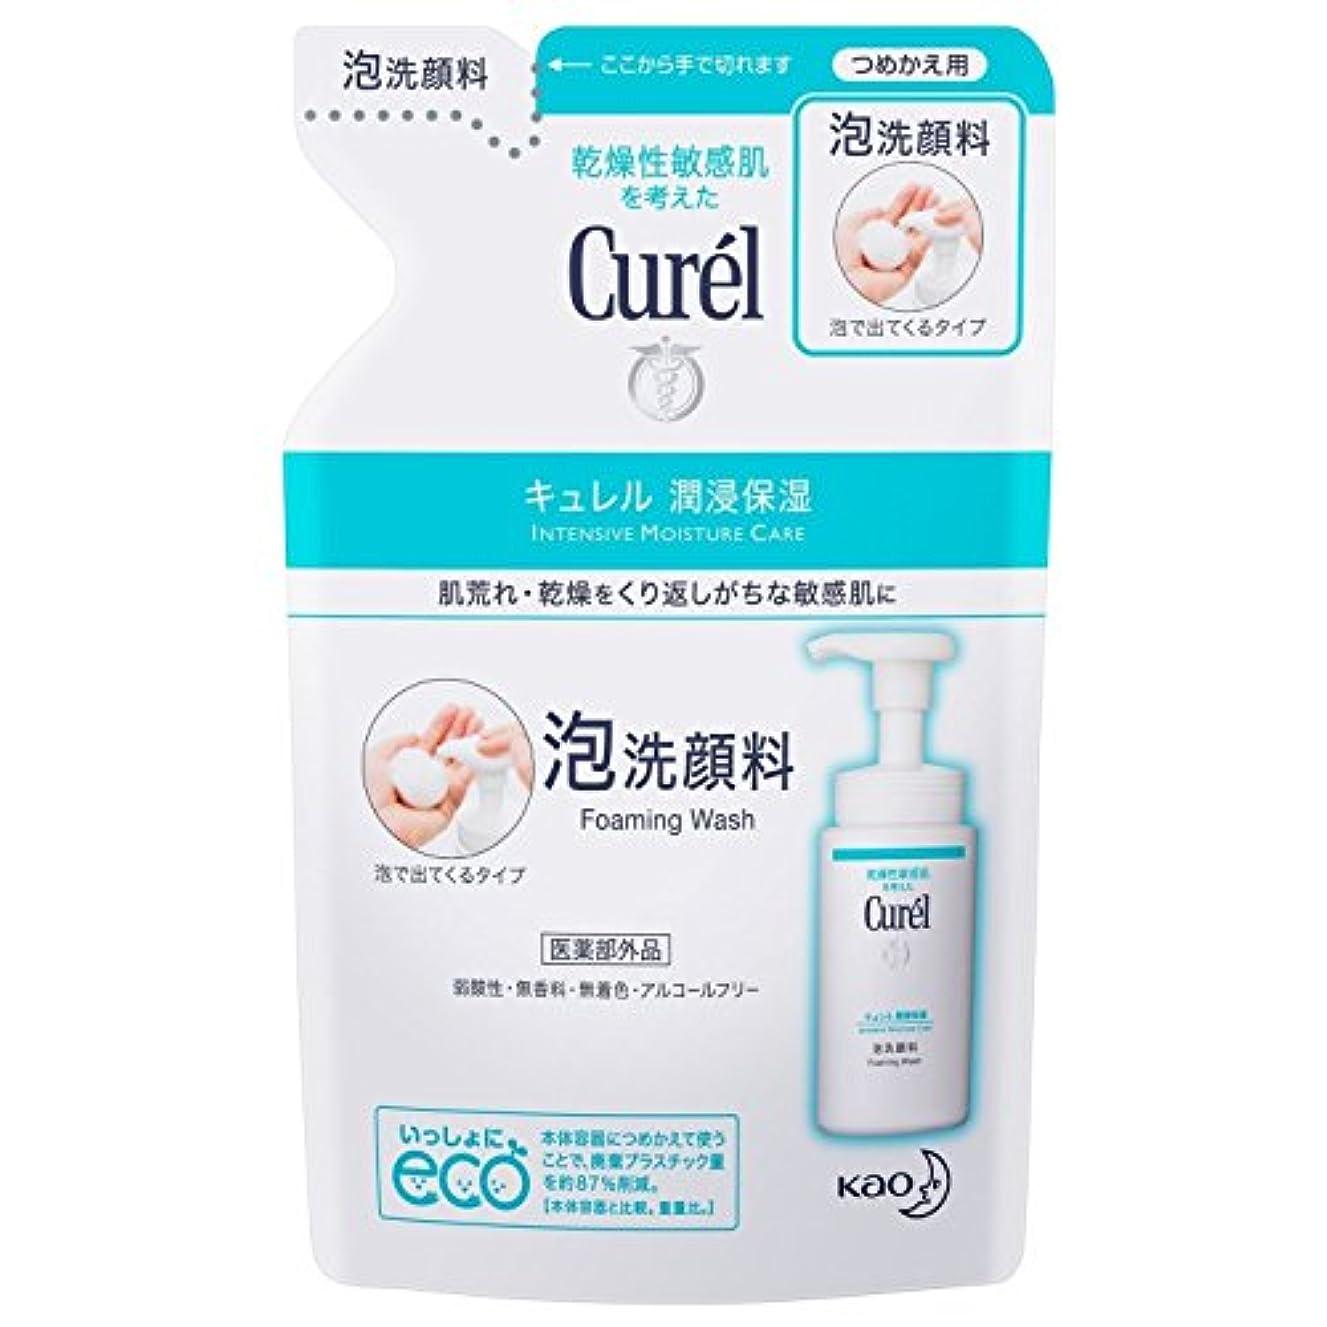 馬鹿セマフォ迅速【花王】Curel(キュレル) 泡洗顔料 つめかえ用 130ml ×5個セット